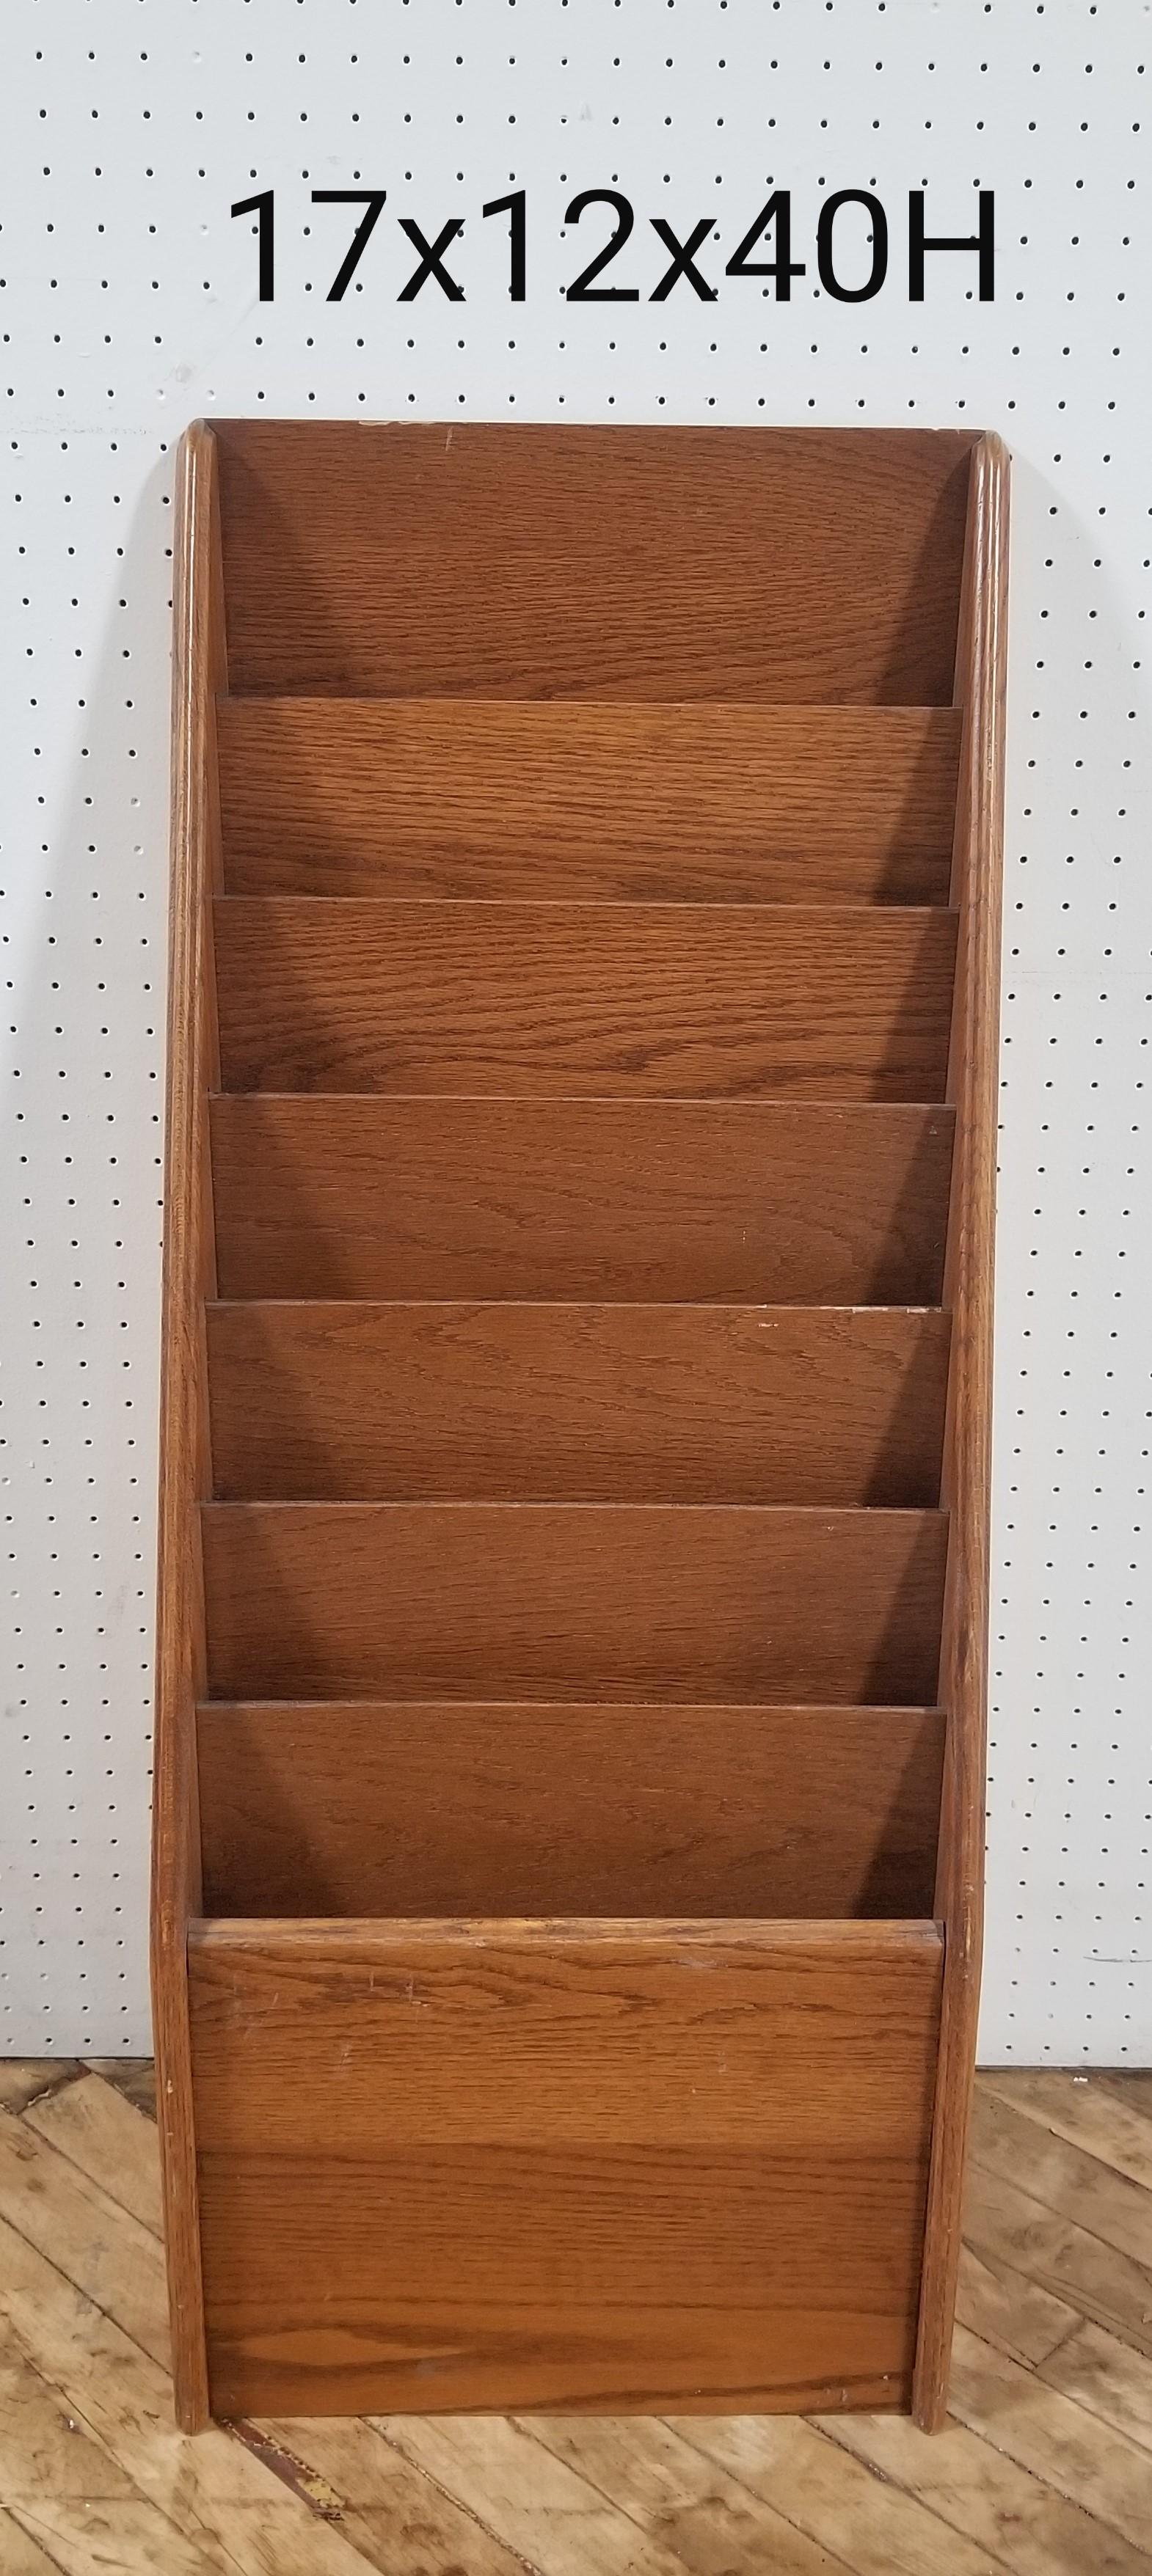 #125. Vintage Wood Magazine Rack 2